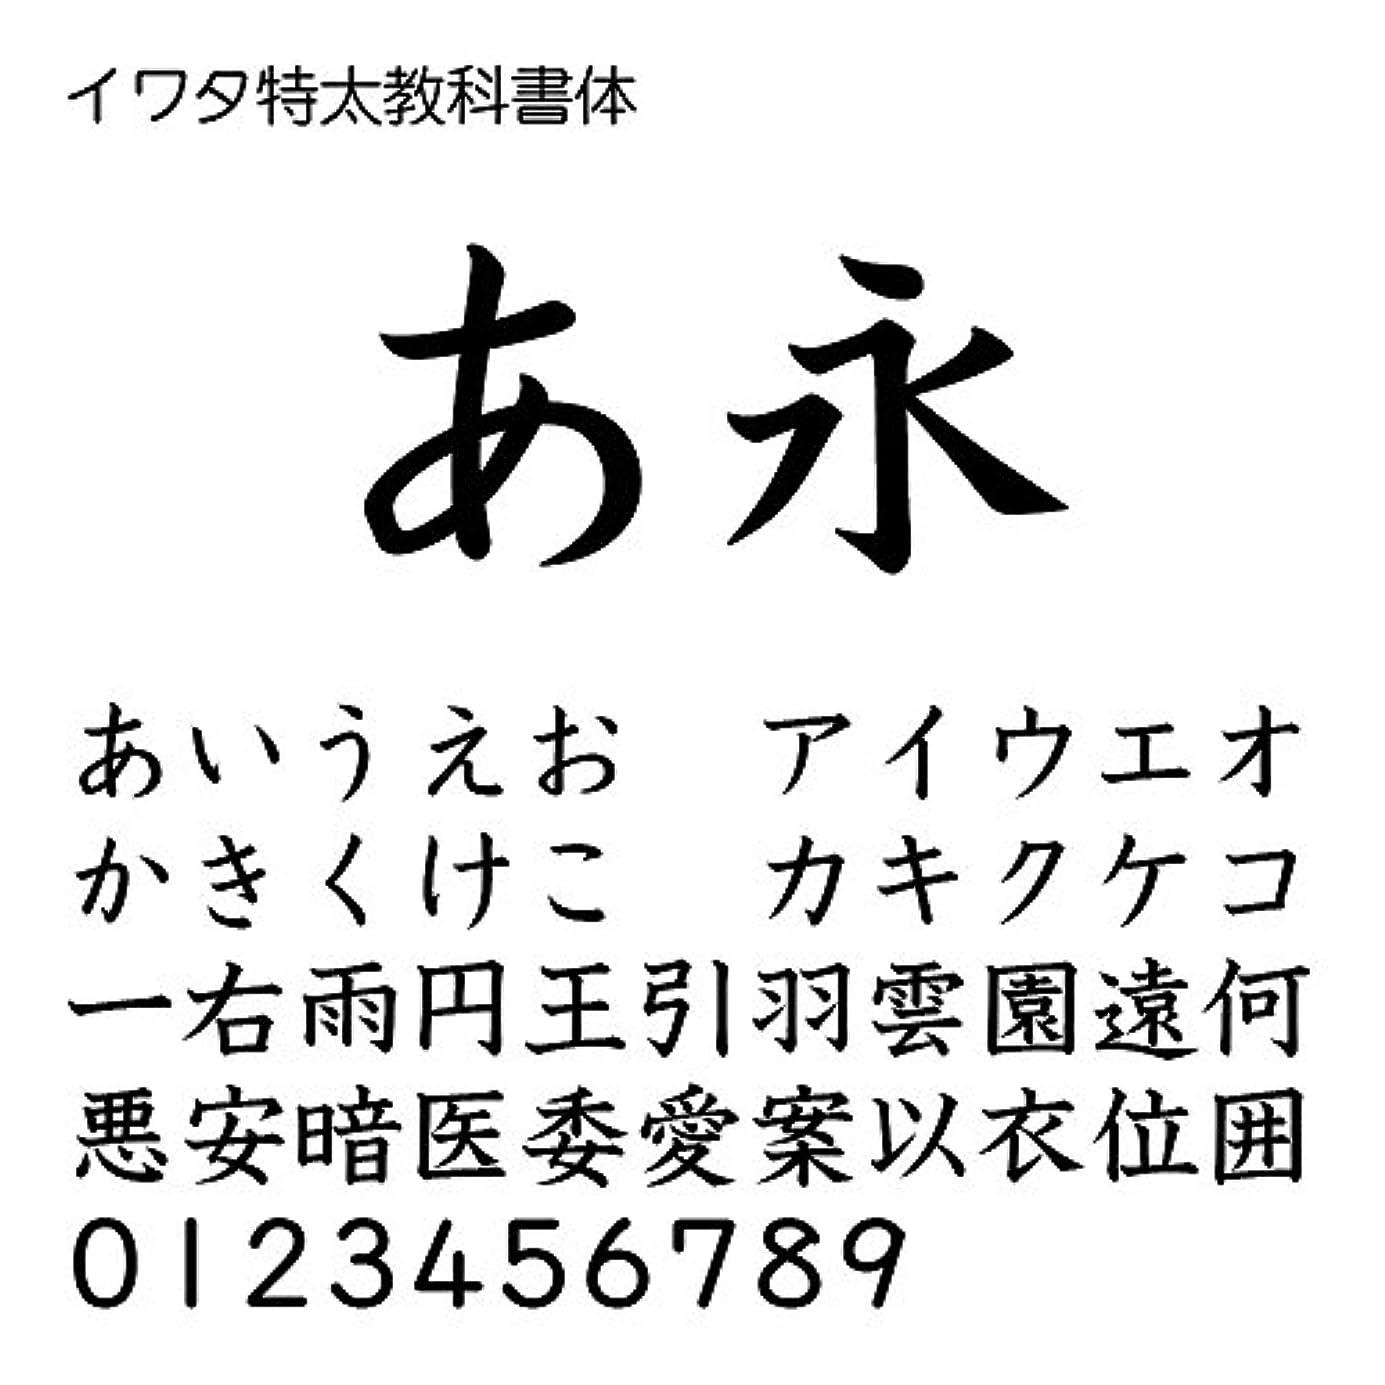 ヒゲ言うコックイワタ特太教科書体 TrueType Font for Windows [ダウンロード]